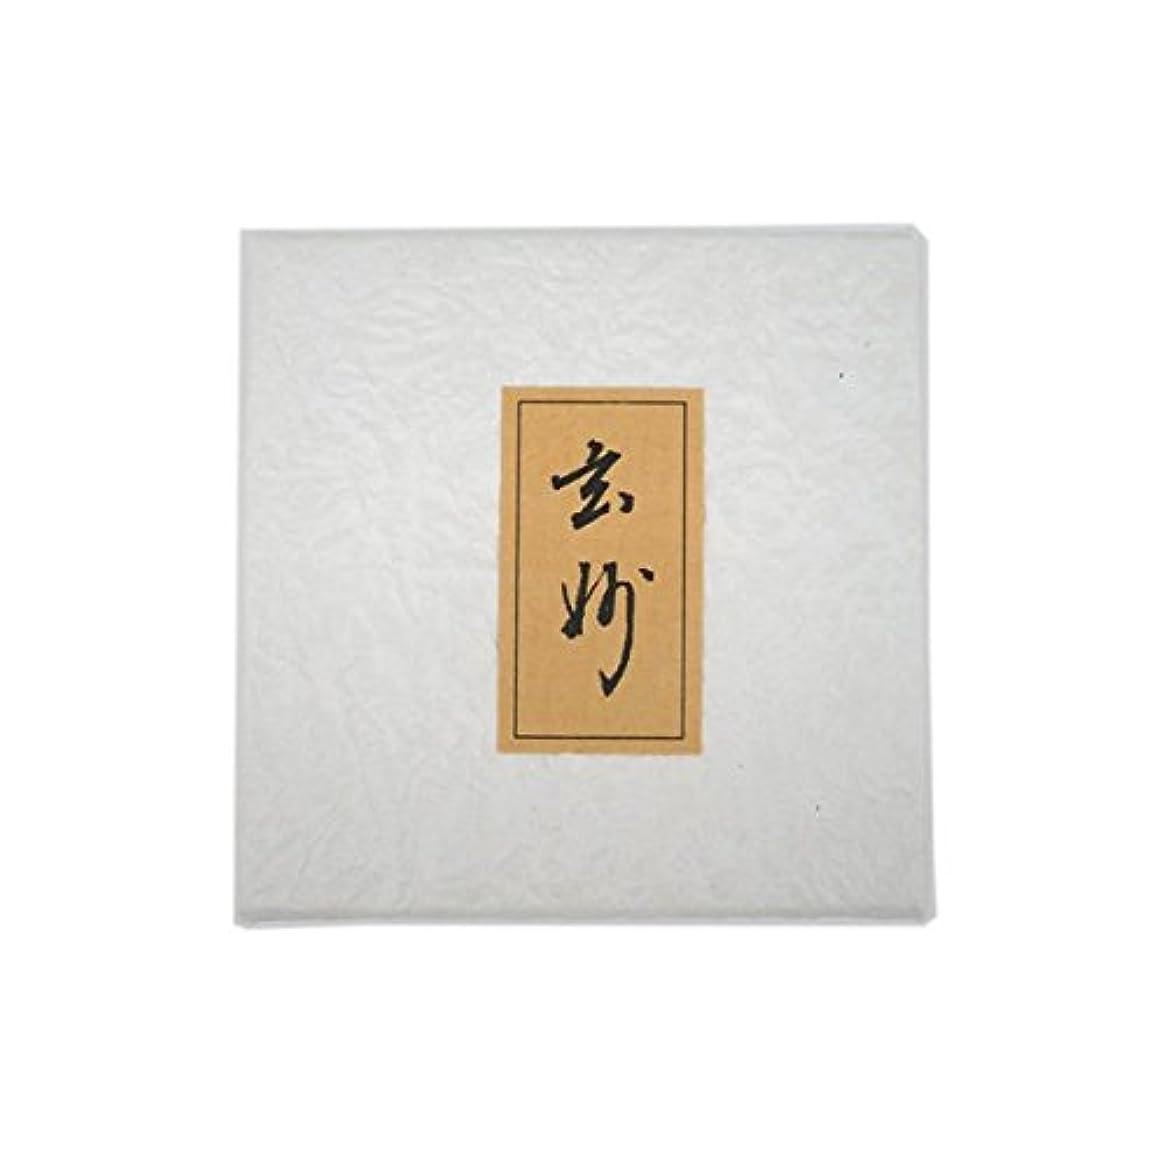 アルカトラズ島ゲート幅玄妙 紙箱入(壷入)